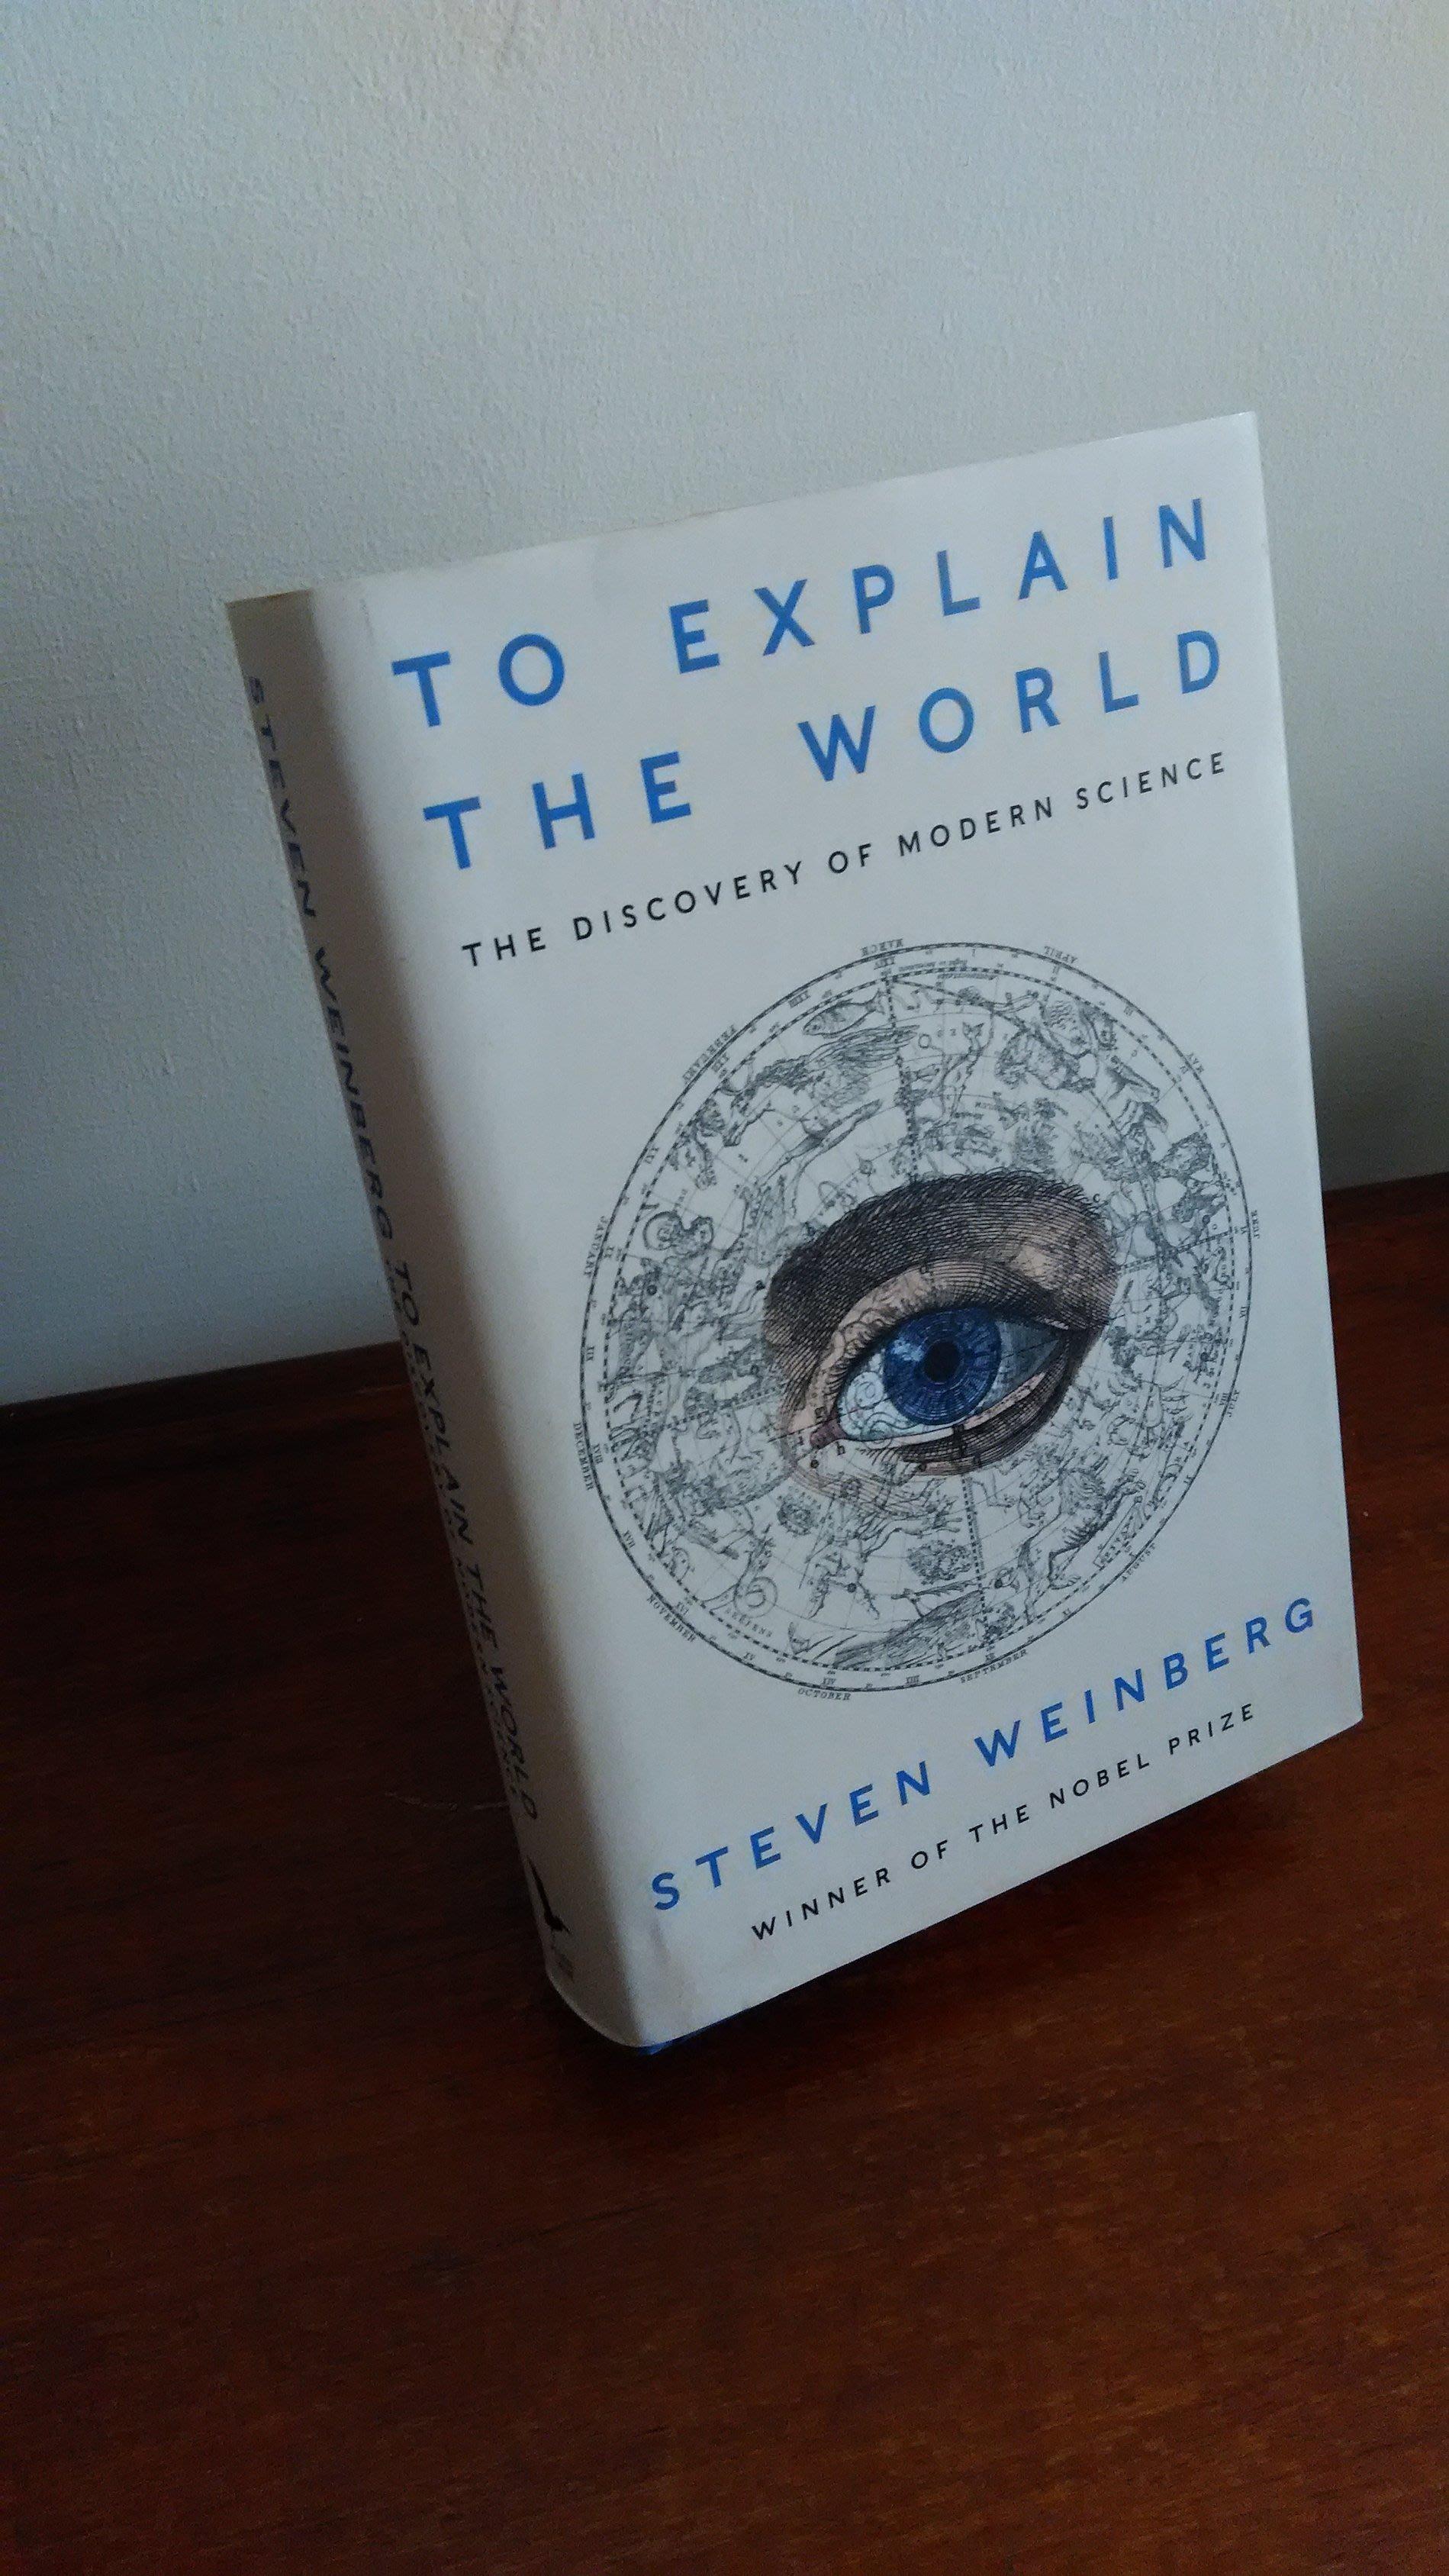 【英文舊書】[科學] 現代科學的發現 To Explain the World, Steven Weinberg